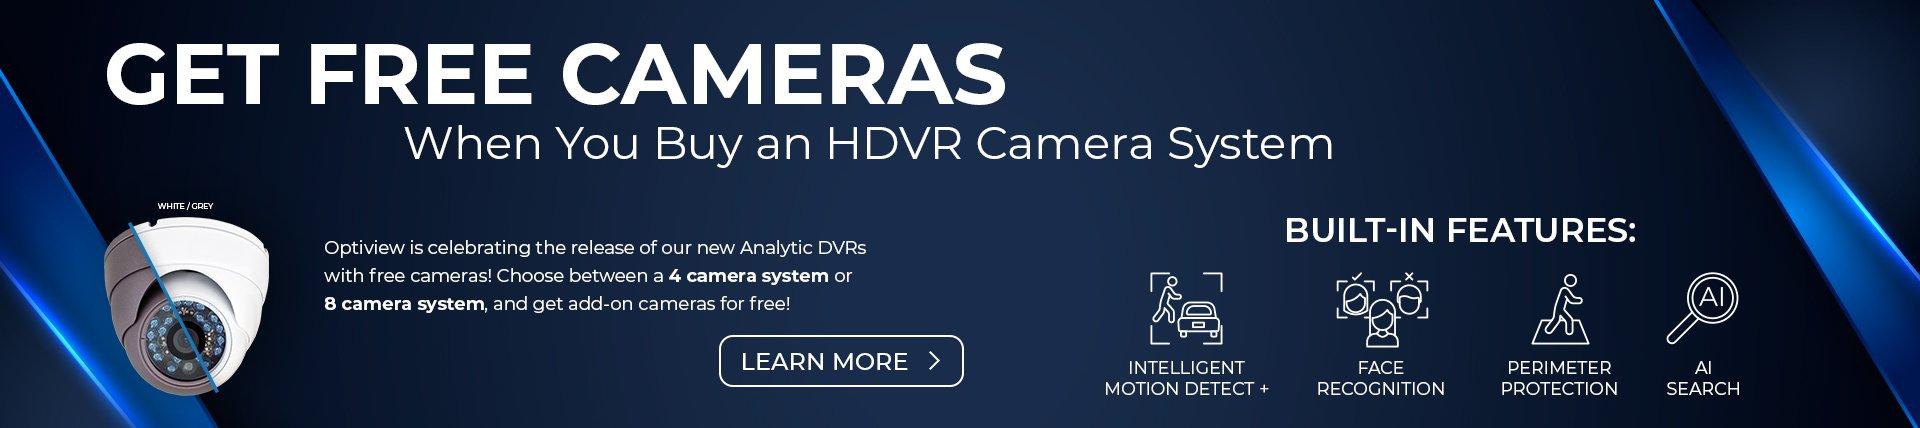 HDVR Camera System Sale – Header Optiview Website